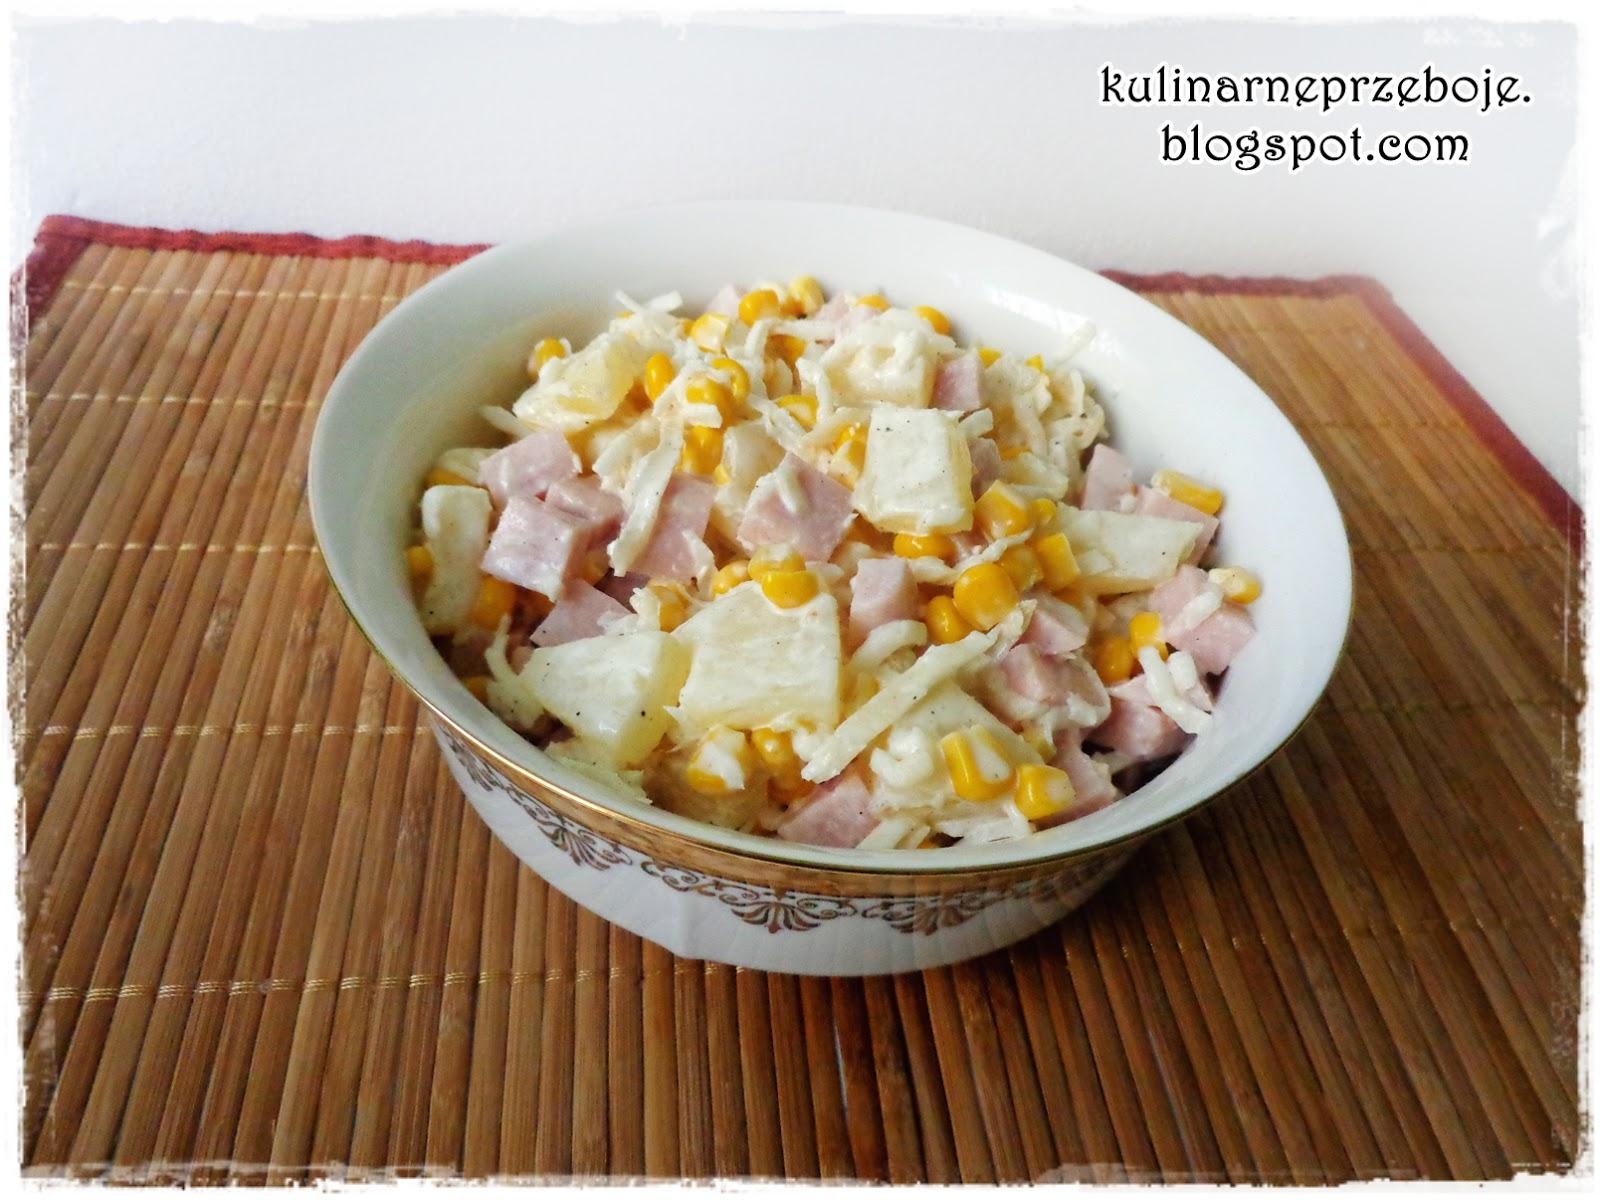 Salatka Z Selerem Konserwowym Szynka I Ananasem Kulinarneprzeboje Pl